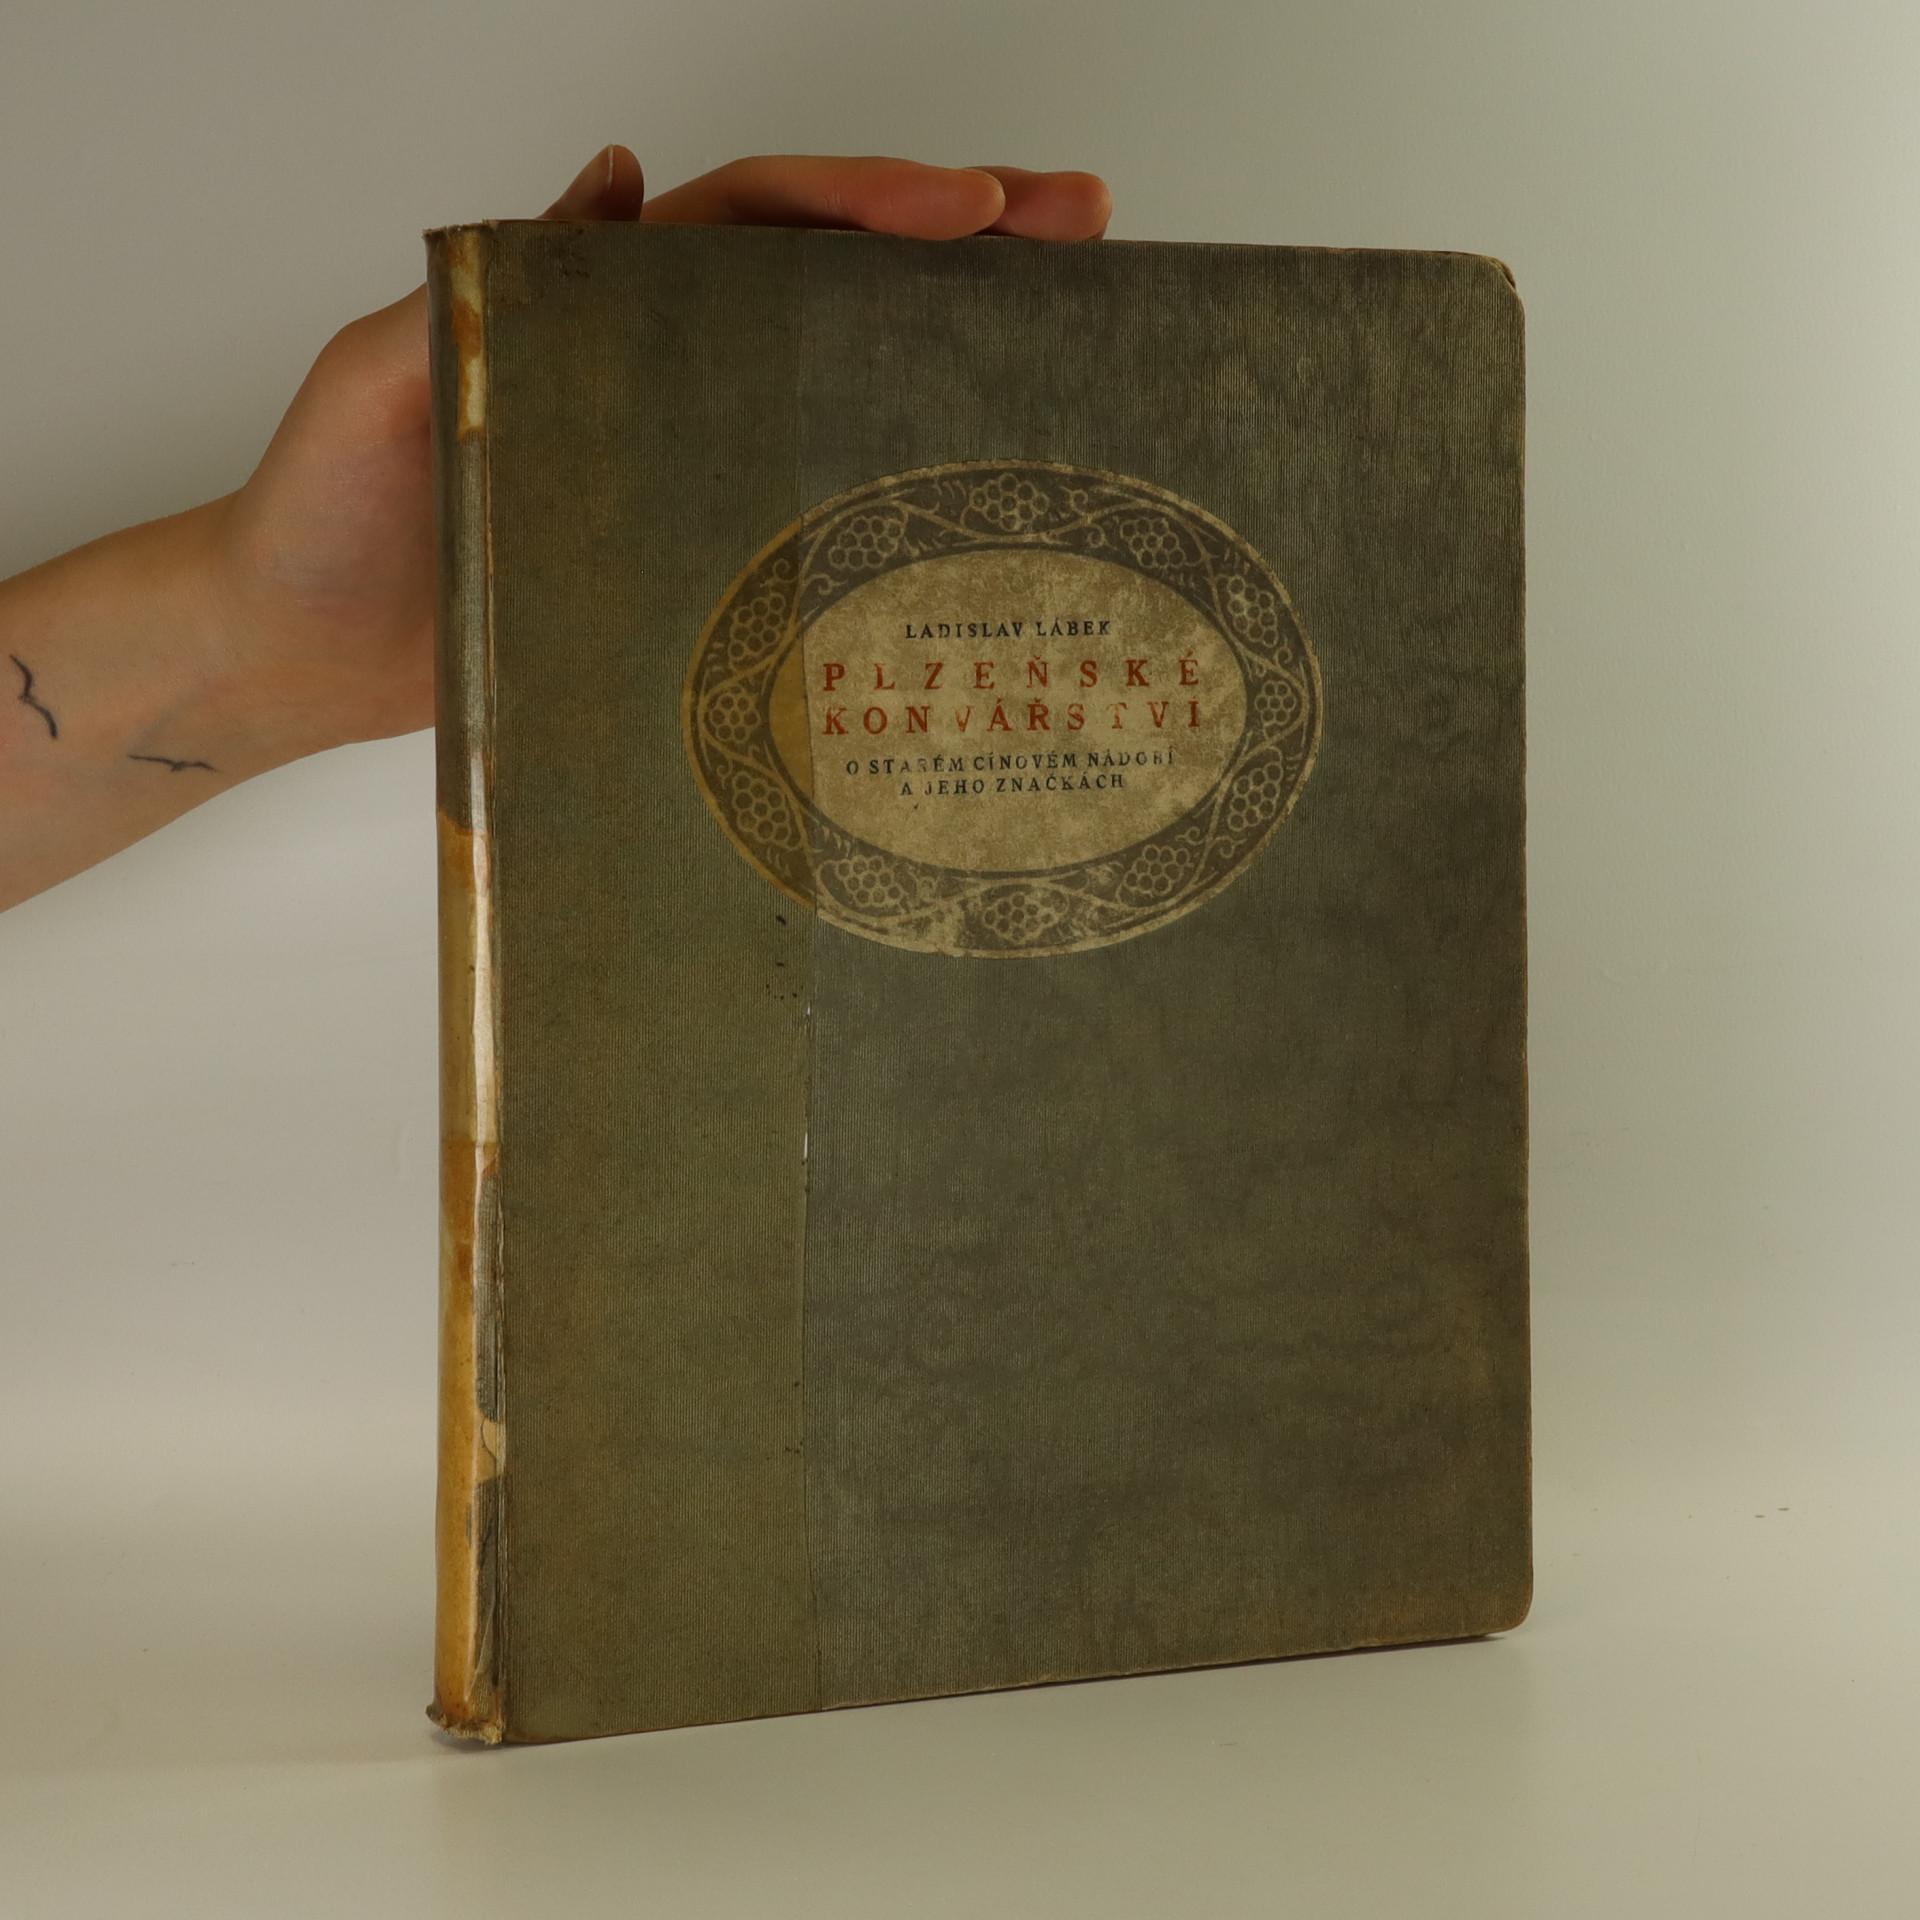 antikvární kniha Plzeňské konvářství, 1920